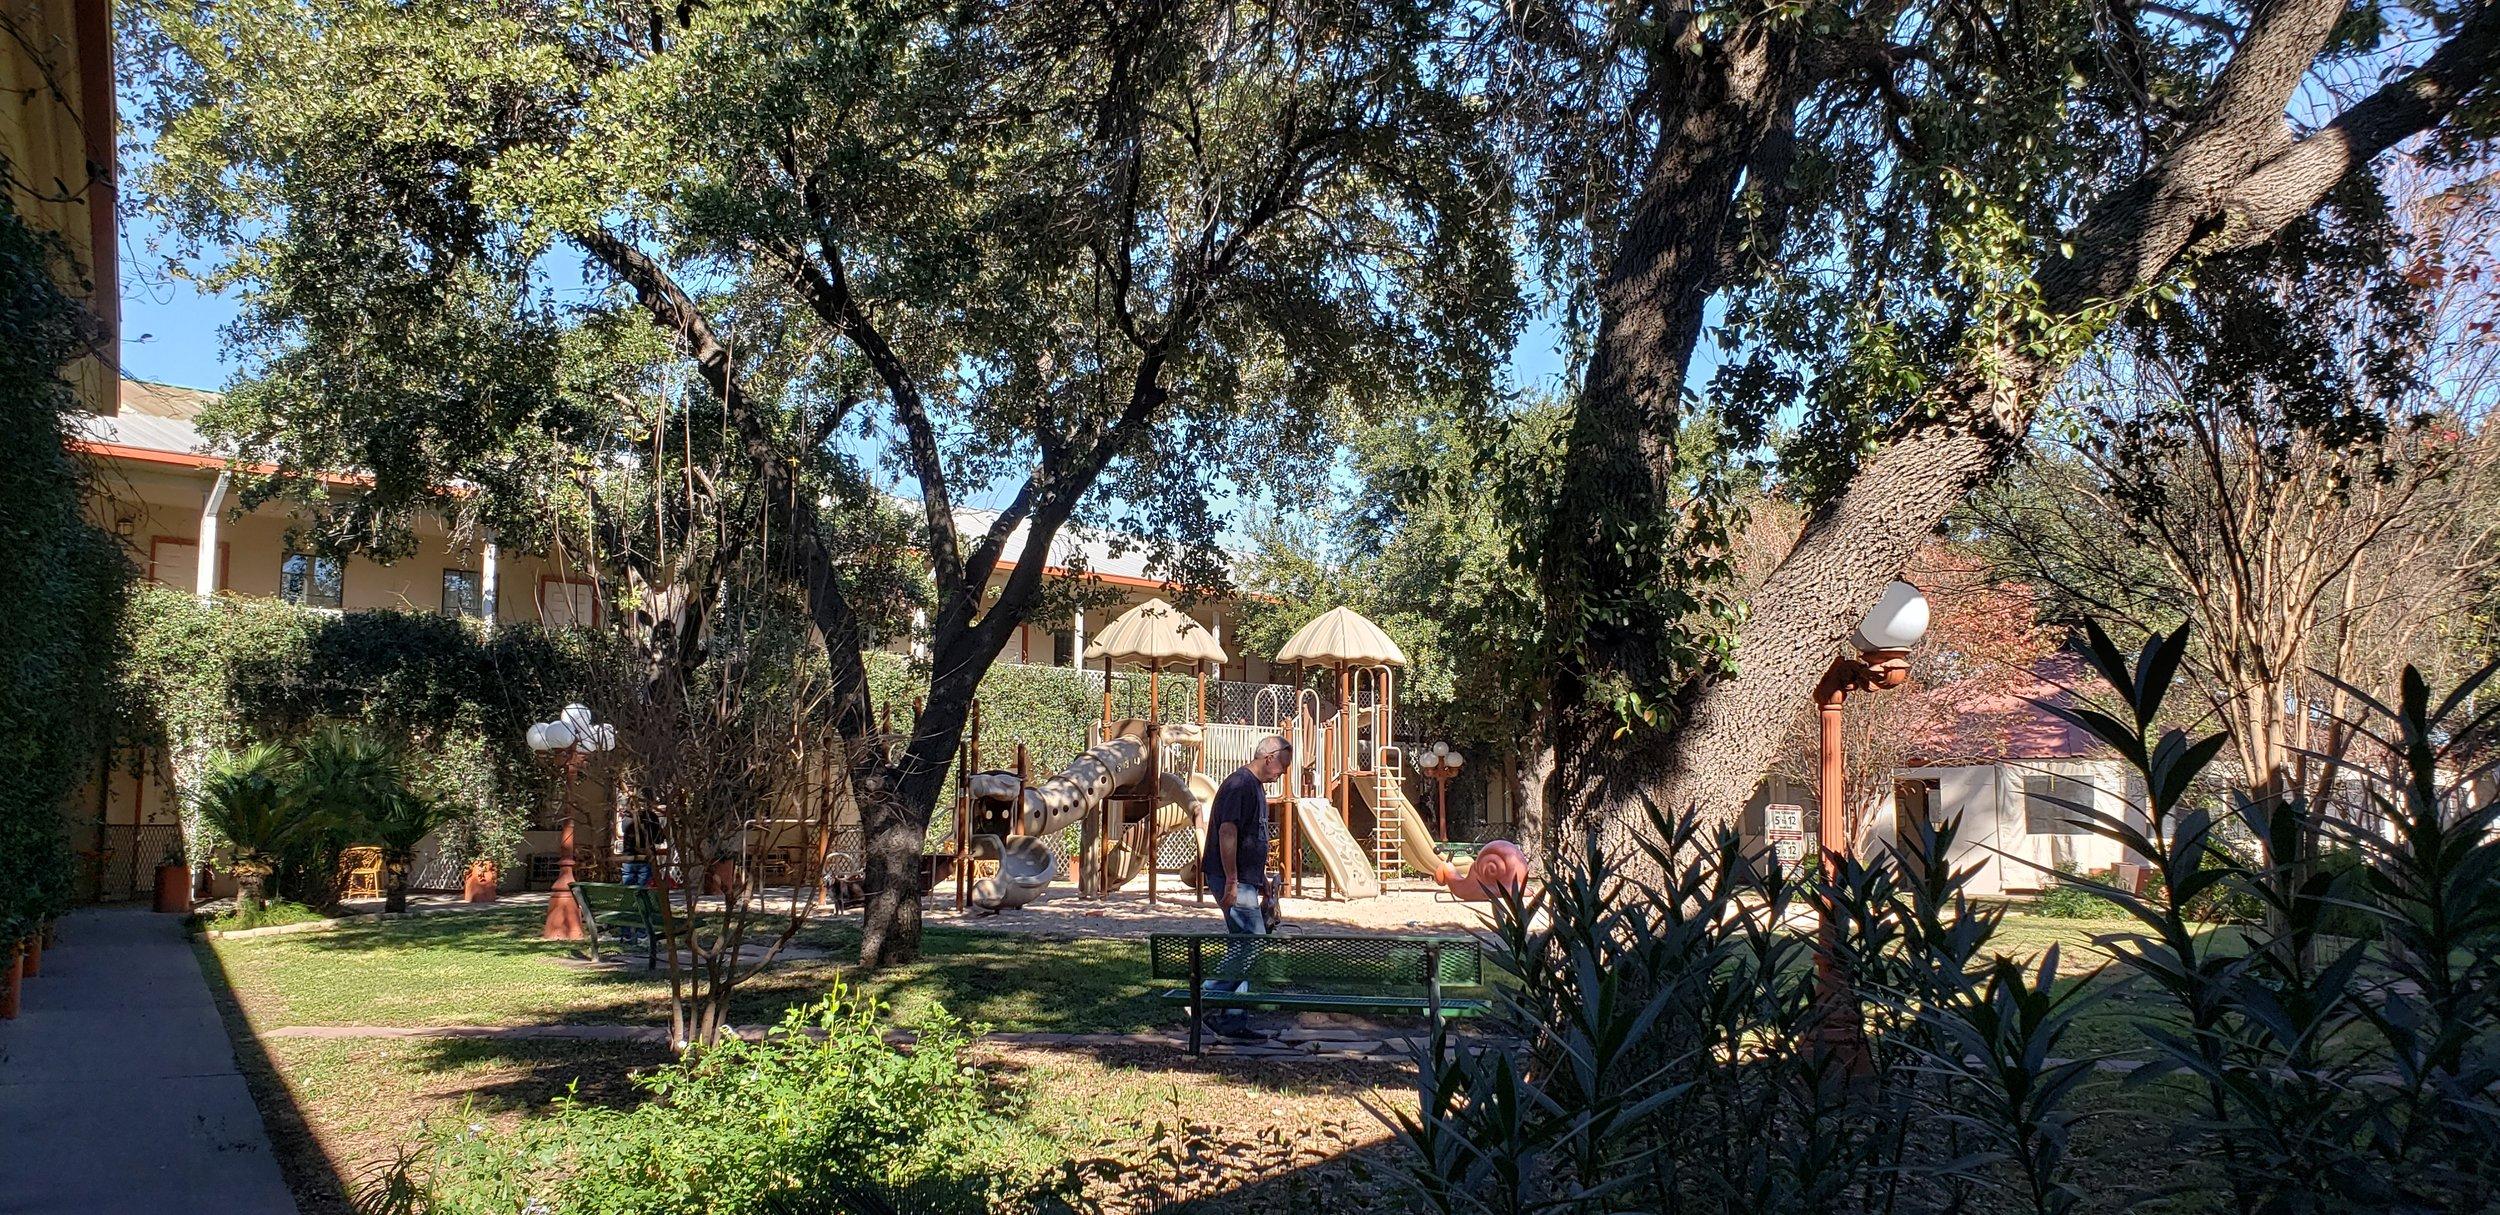 Family Garden hotel in Laredo